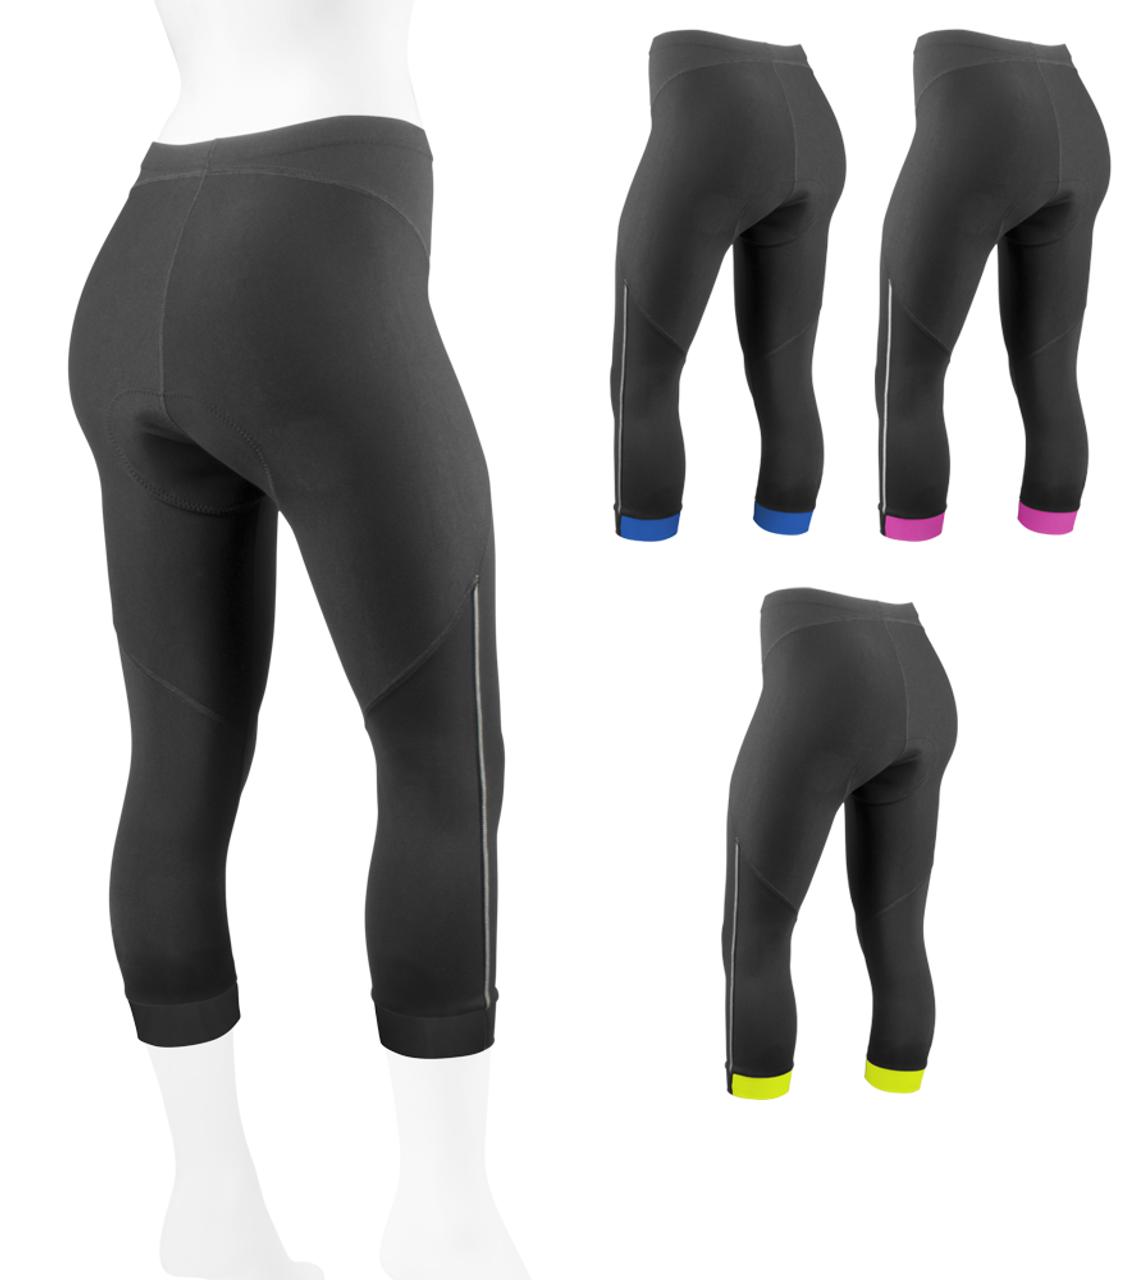 e4c8c5eca1 Women's Spandex Capri Pants - Ideal for running, Yoga, Zumba, Soccer